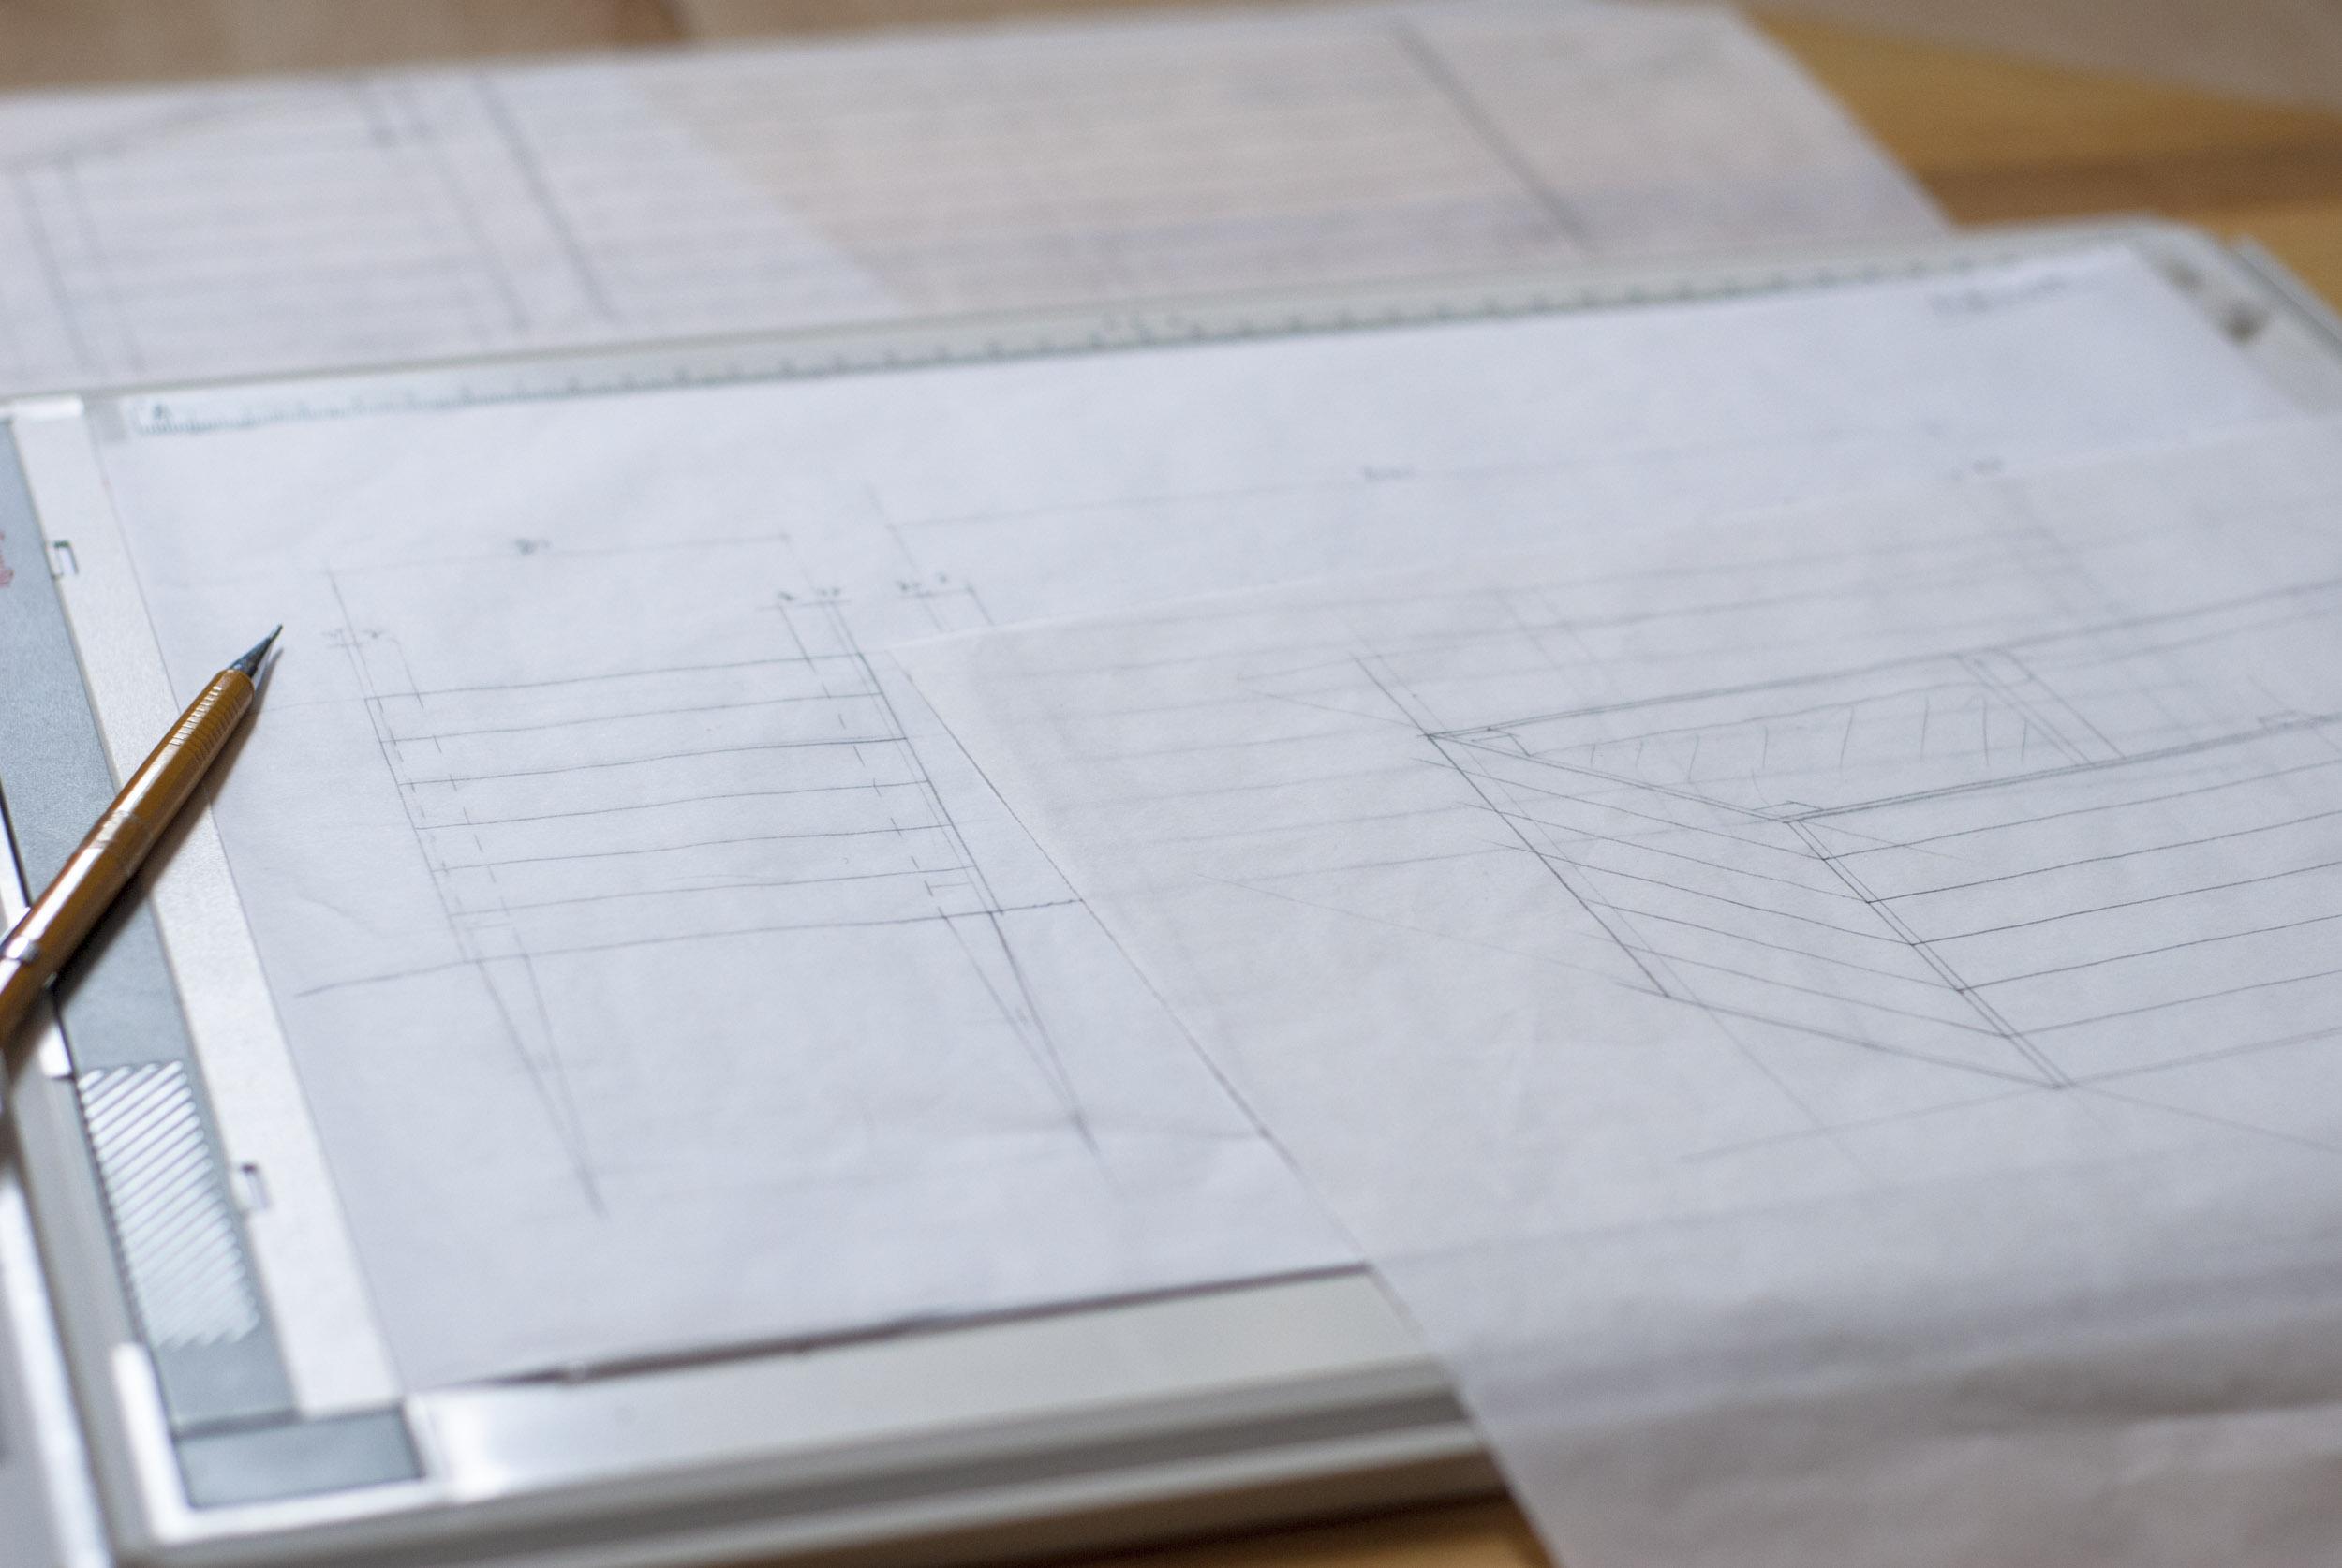 Hochbeet Anlegen Die Planungsphase Ein Stuck Arbeit